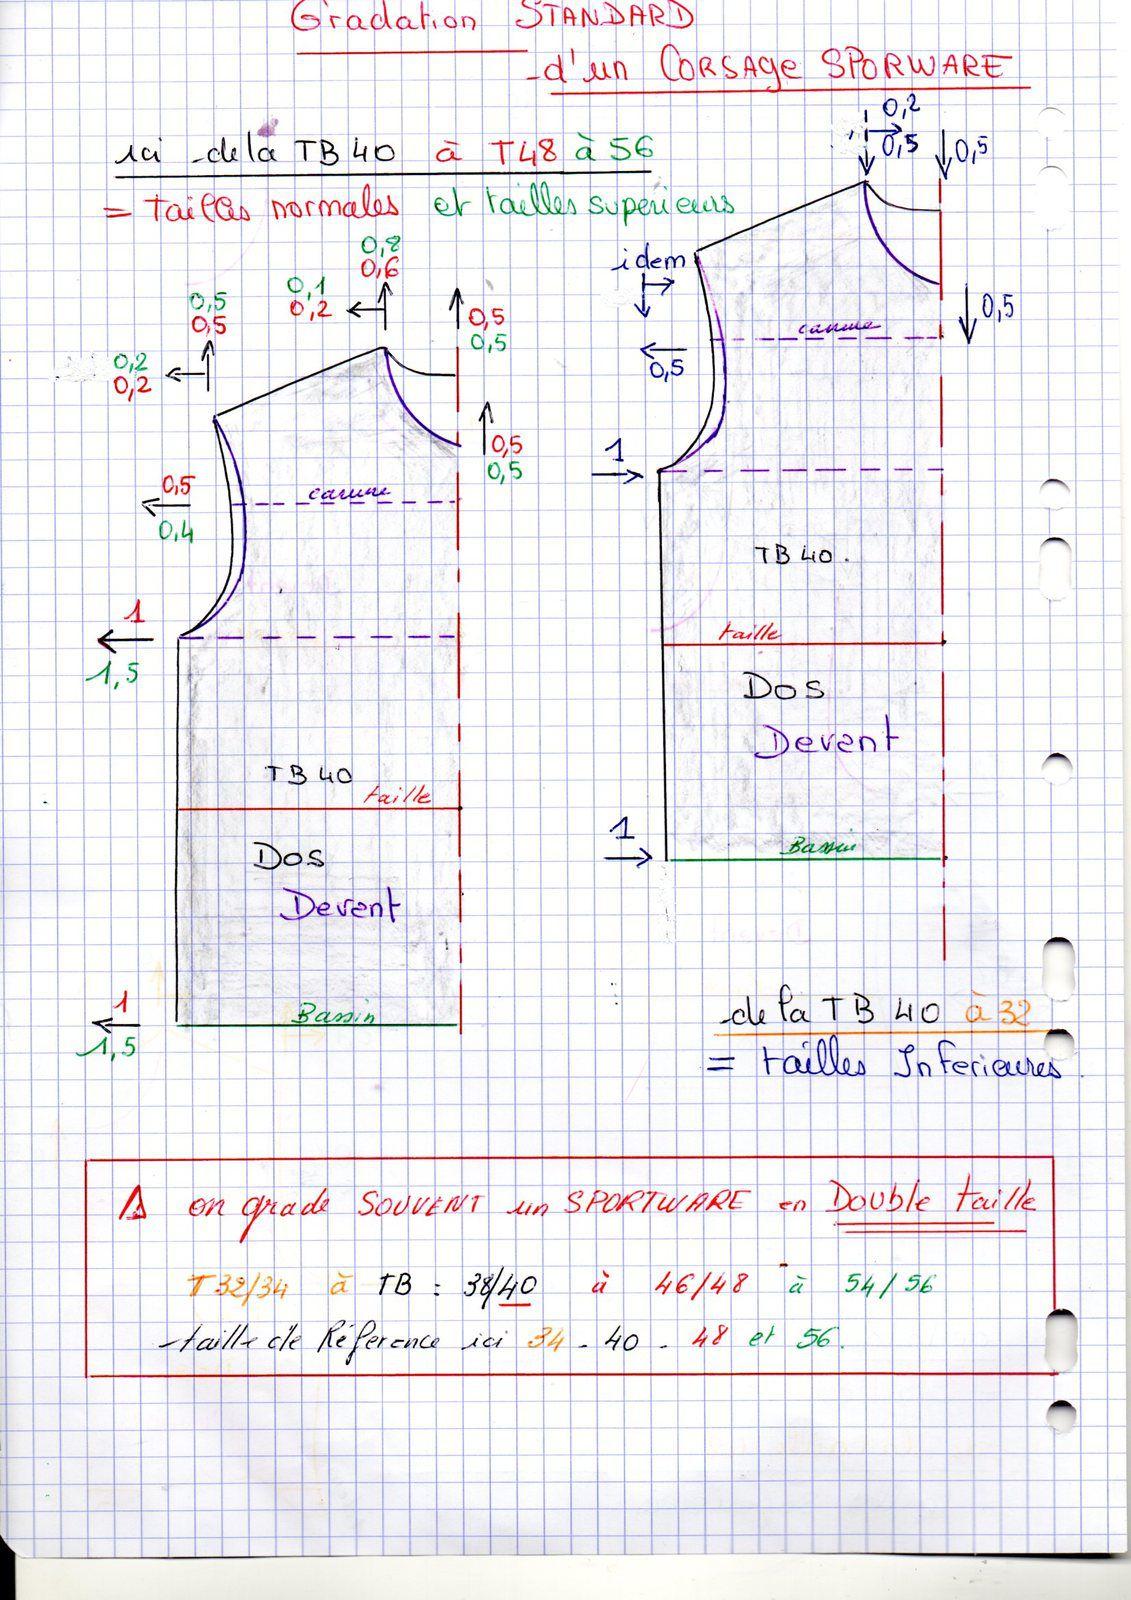 cours csm sur la gradation standard du corsage pour le sportwear.